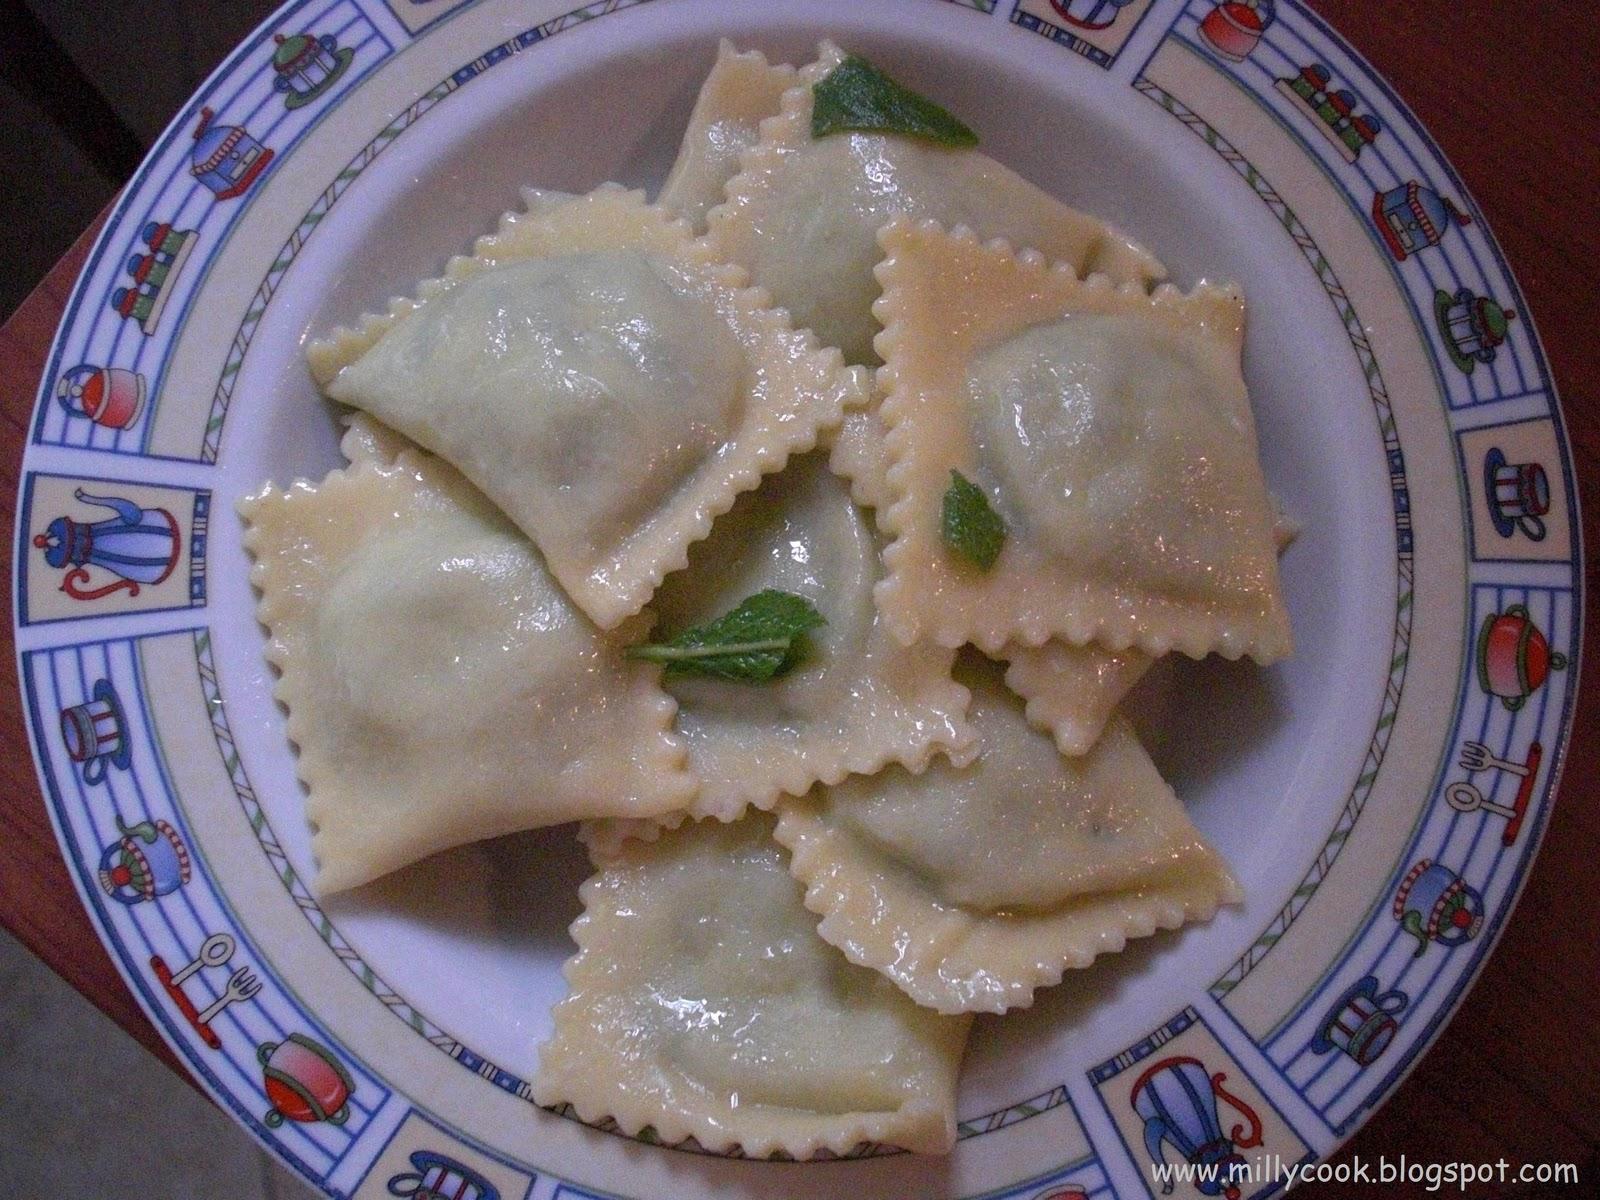 Milly 39 s cook ravioli ricotta e spinaci fatti in casa - Faretti in casa ...